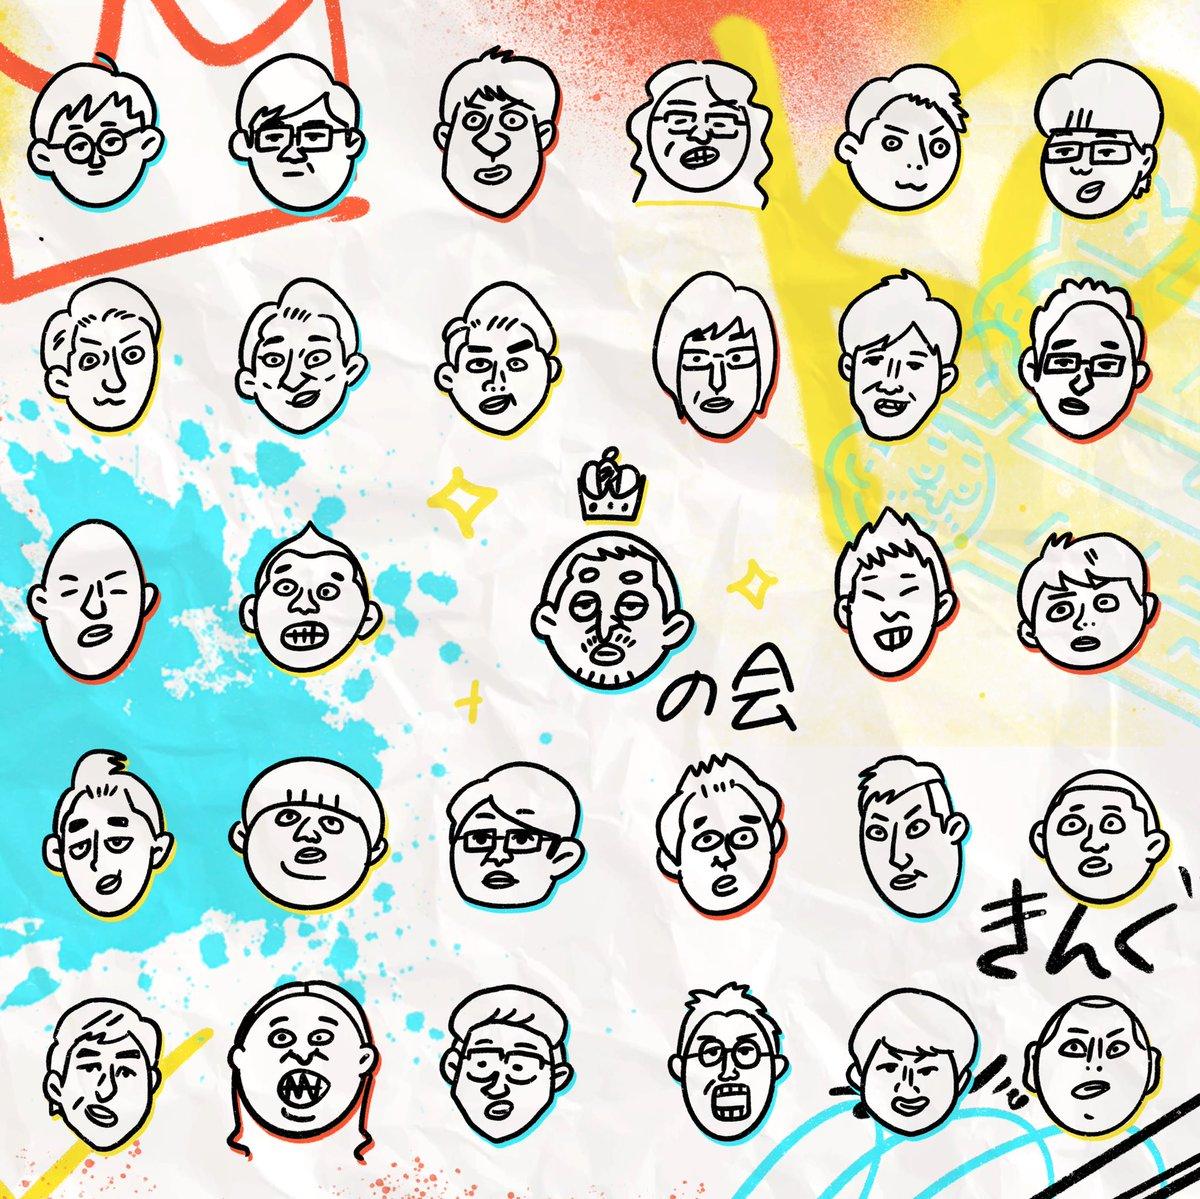 【#改訂】 @junoson @shinba_pdb 嵐のアルバム「Popcorn」の 相葉コーンくんの似顔絵を KOCの会風に描いてみましたしん。 #嵐 #キングオブコントの会 #KOCの会 #似顔絵